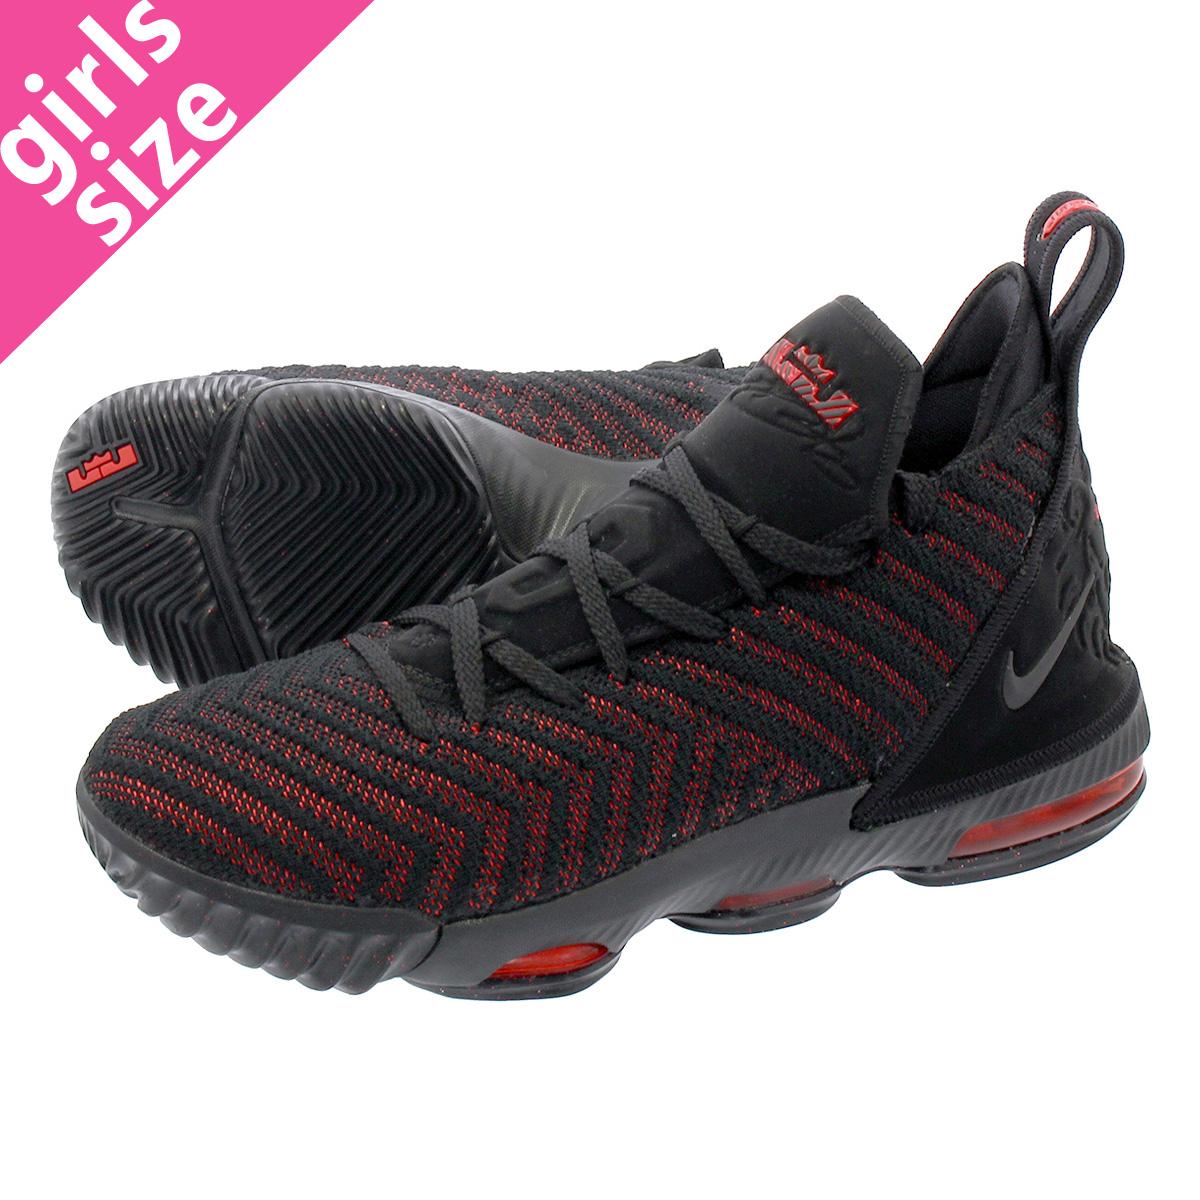 1ef652e65cb LOWTEX PLUS  NIKE LEBRON 16 GS Nike Revlon 16 GS BLACK UNIVERSITY ...